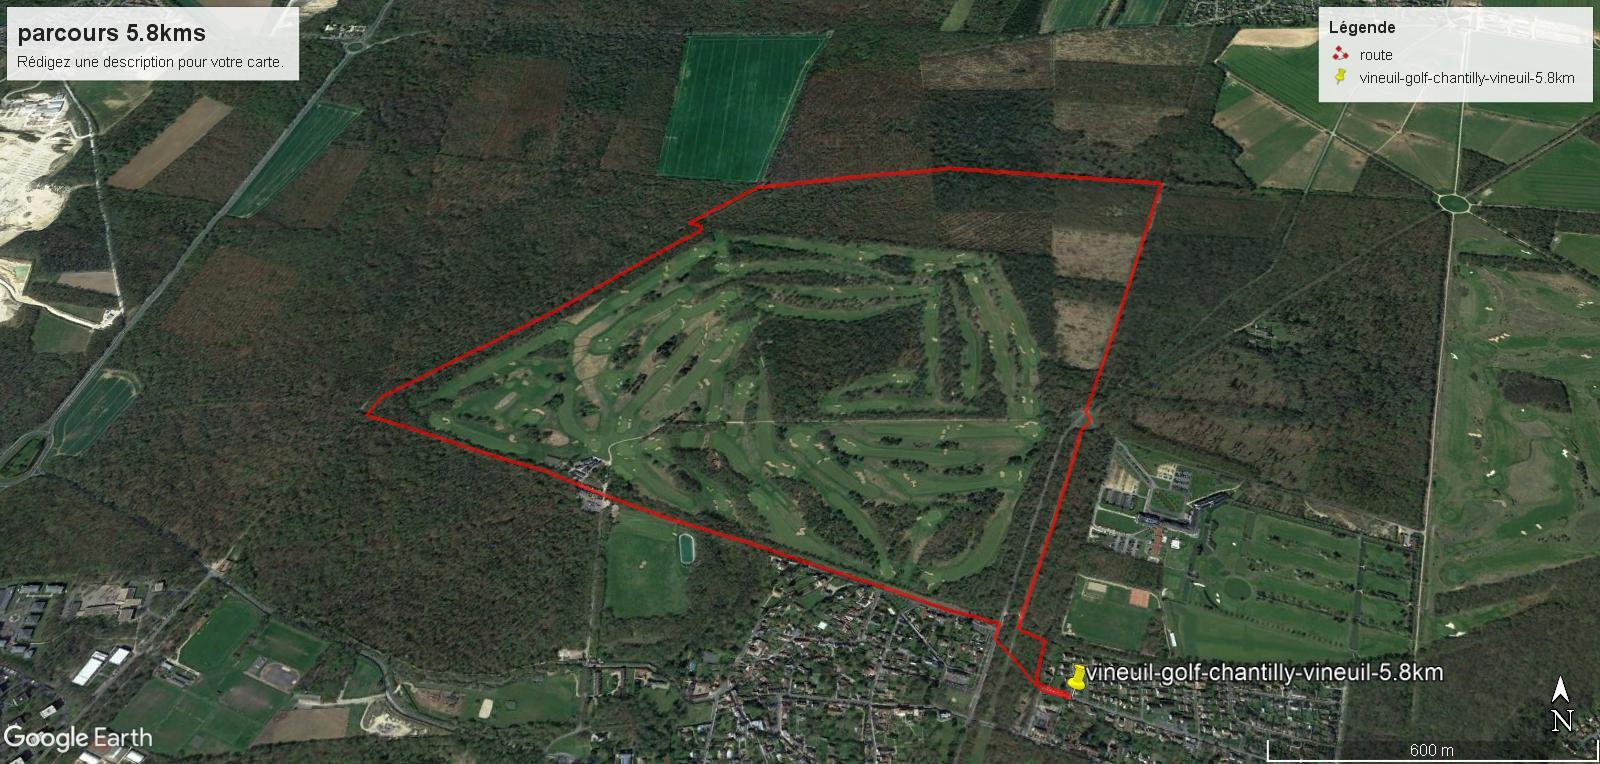 parcours-vineuil-golf-chantilly-vineuil-5.8km